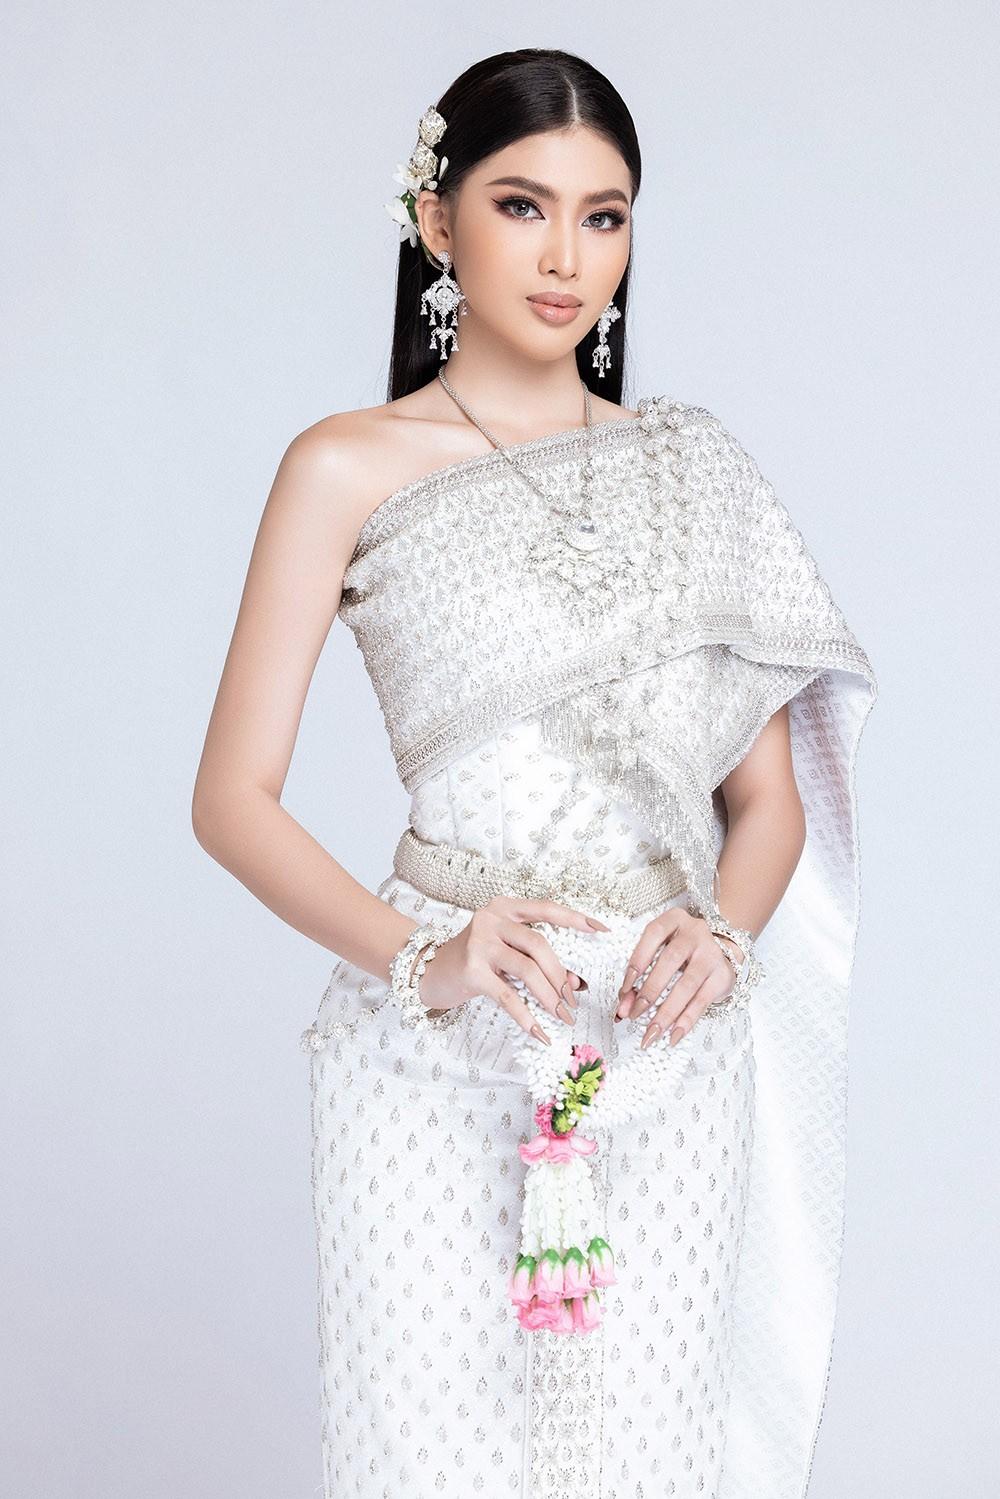 Sau khi bị hack instagram, Ngọc Thảo tung bộ ảnh đẹp 'đỉnh cao' khi mặc quốc phục Thái Lan ảnh 8